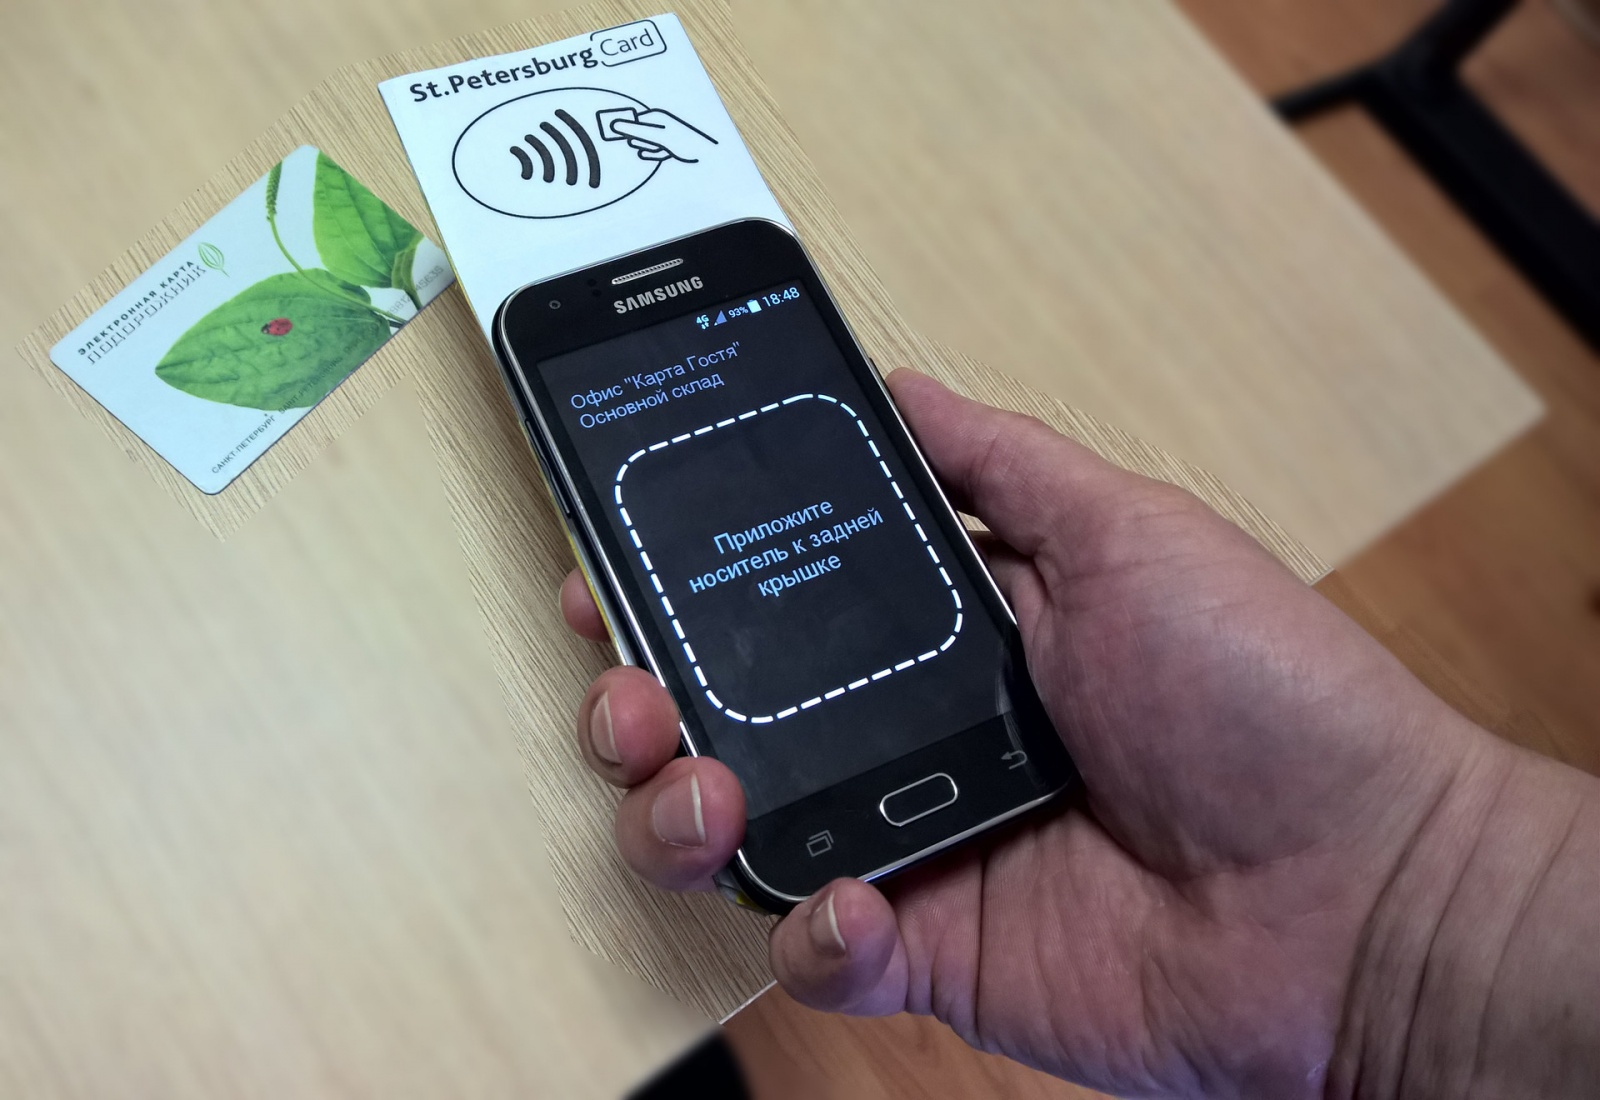 Пассивная NFC-планка для удобного считывания карт смартфоном - 4